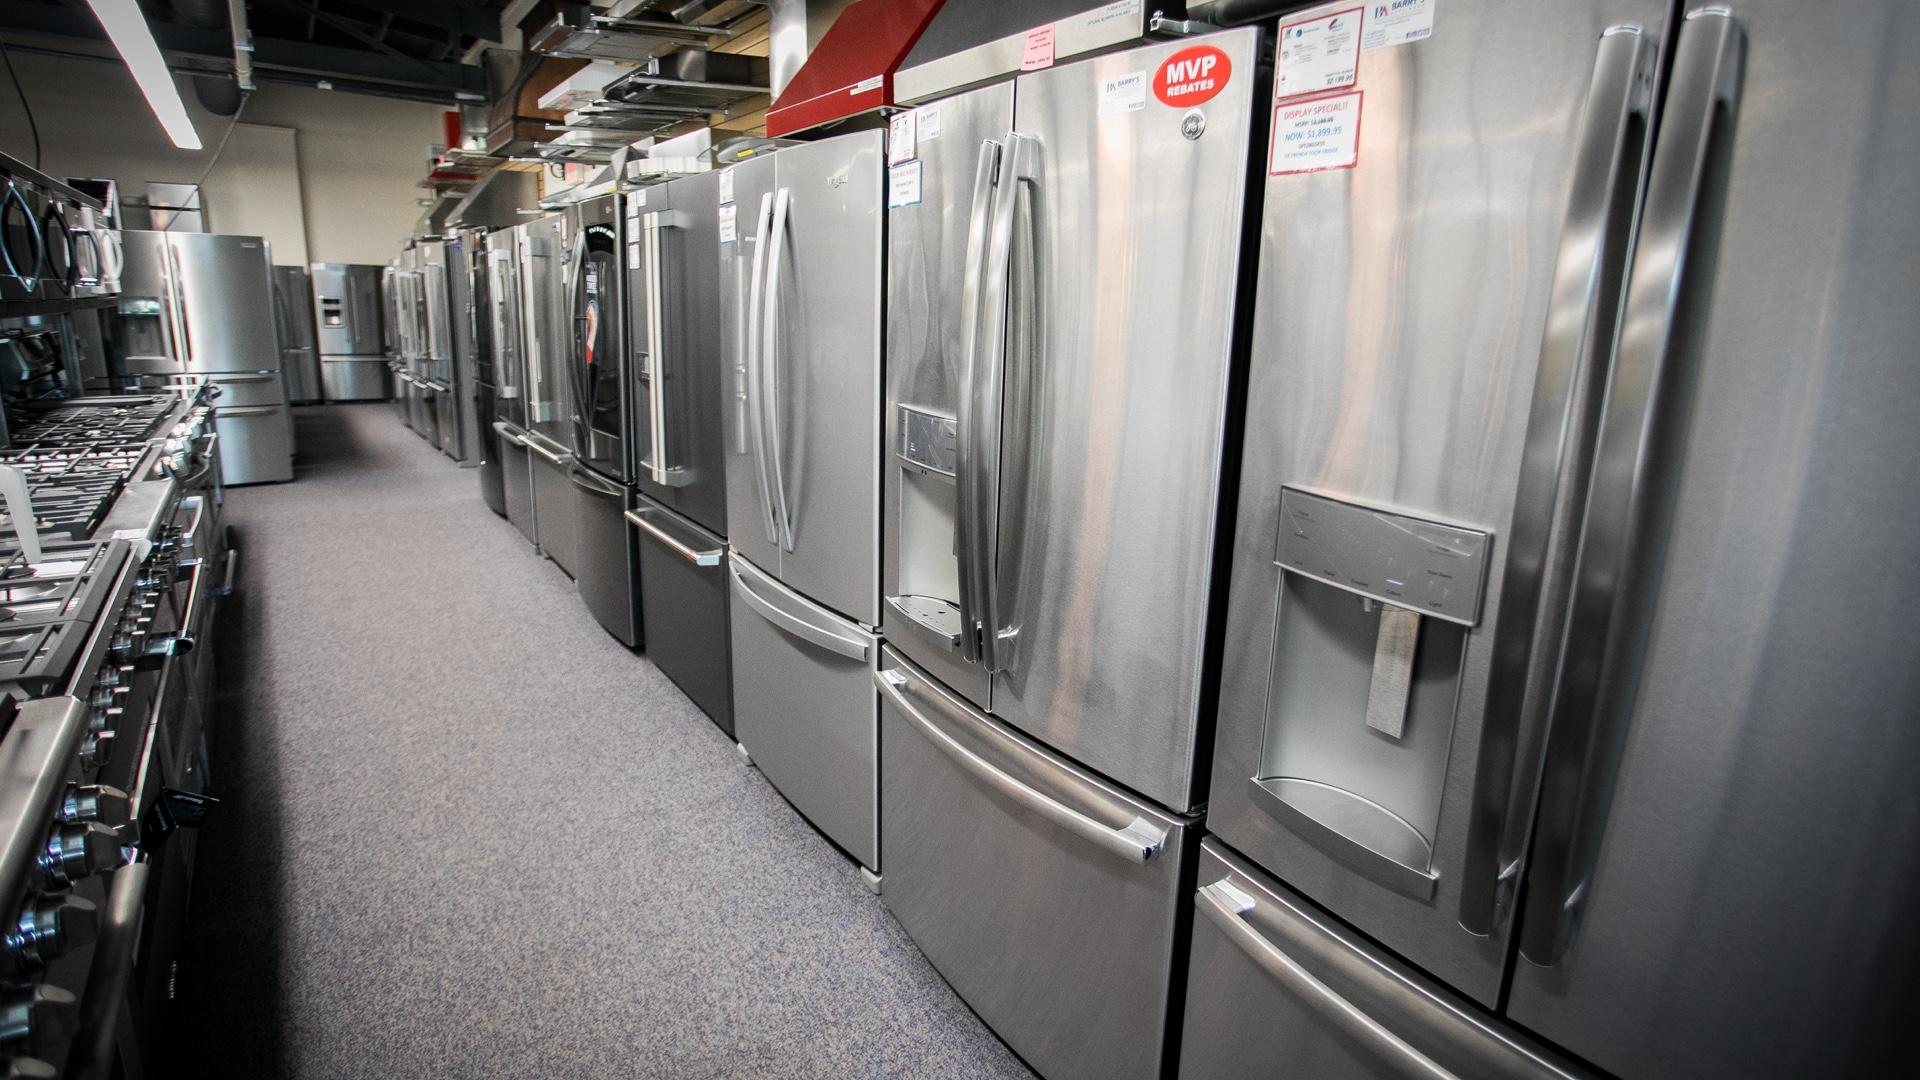 Barrys Appliances 19